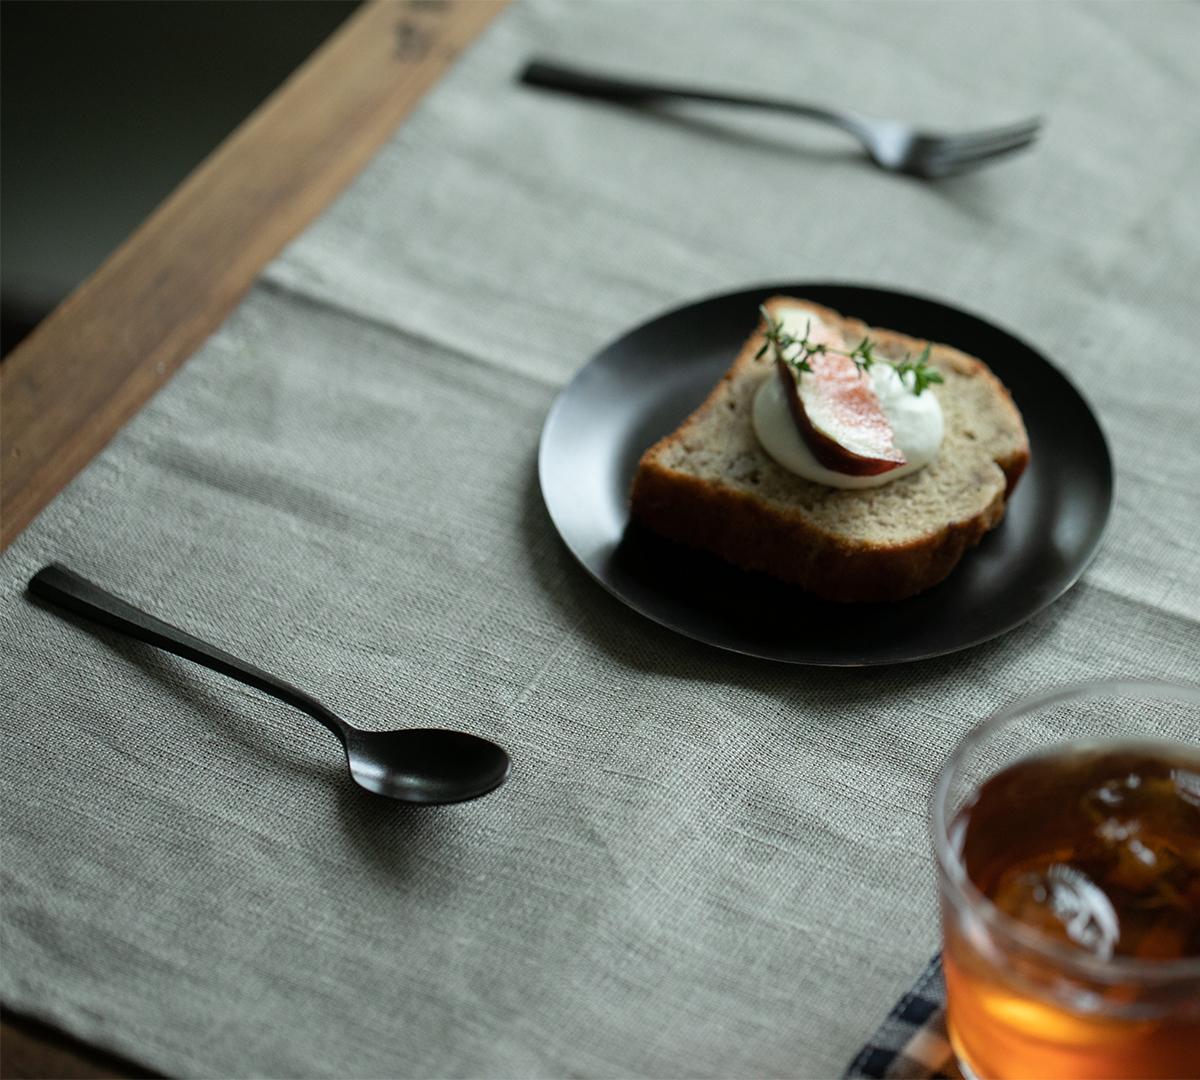 シンプルで落ち着きのあるデザインは、食卓をスタイリッシュに演出。落としても割れない、黒染めステンレスの食器(フォーク・スプーン)|KURO(96)クロ